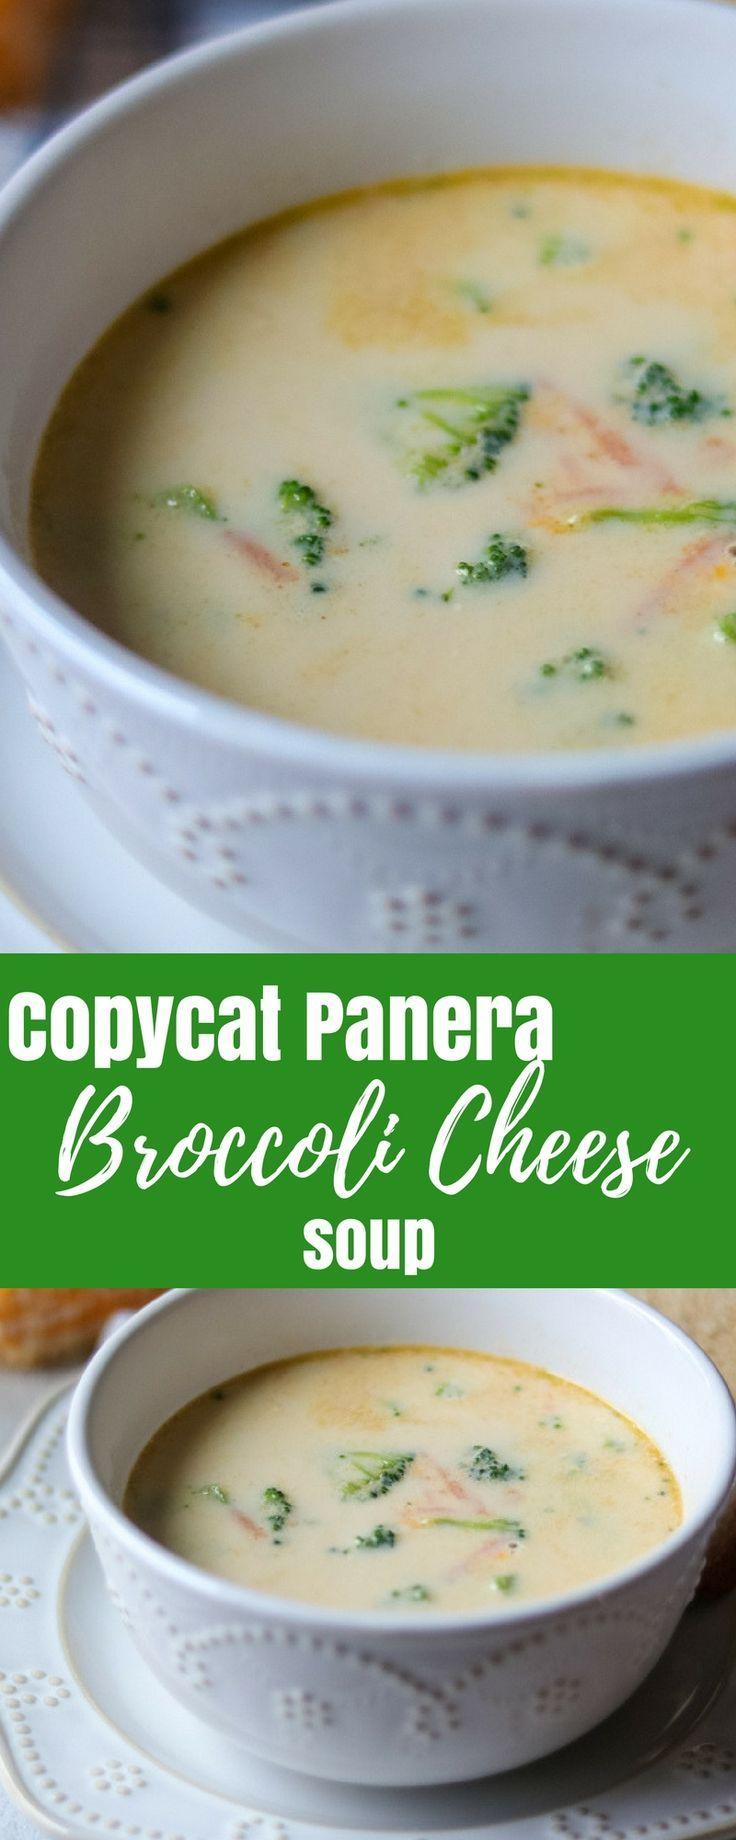 Copycat Panera Broccoli Cheddar Soup | Recipe | Healthy broccoli ...